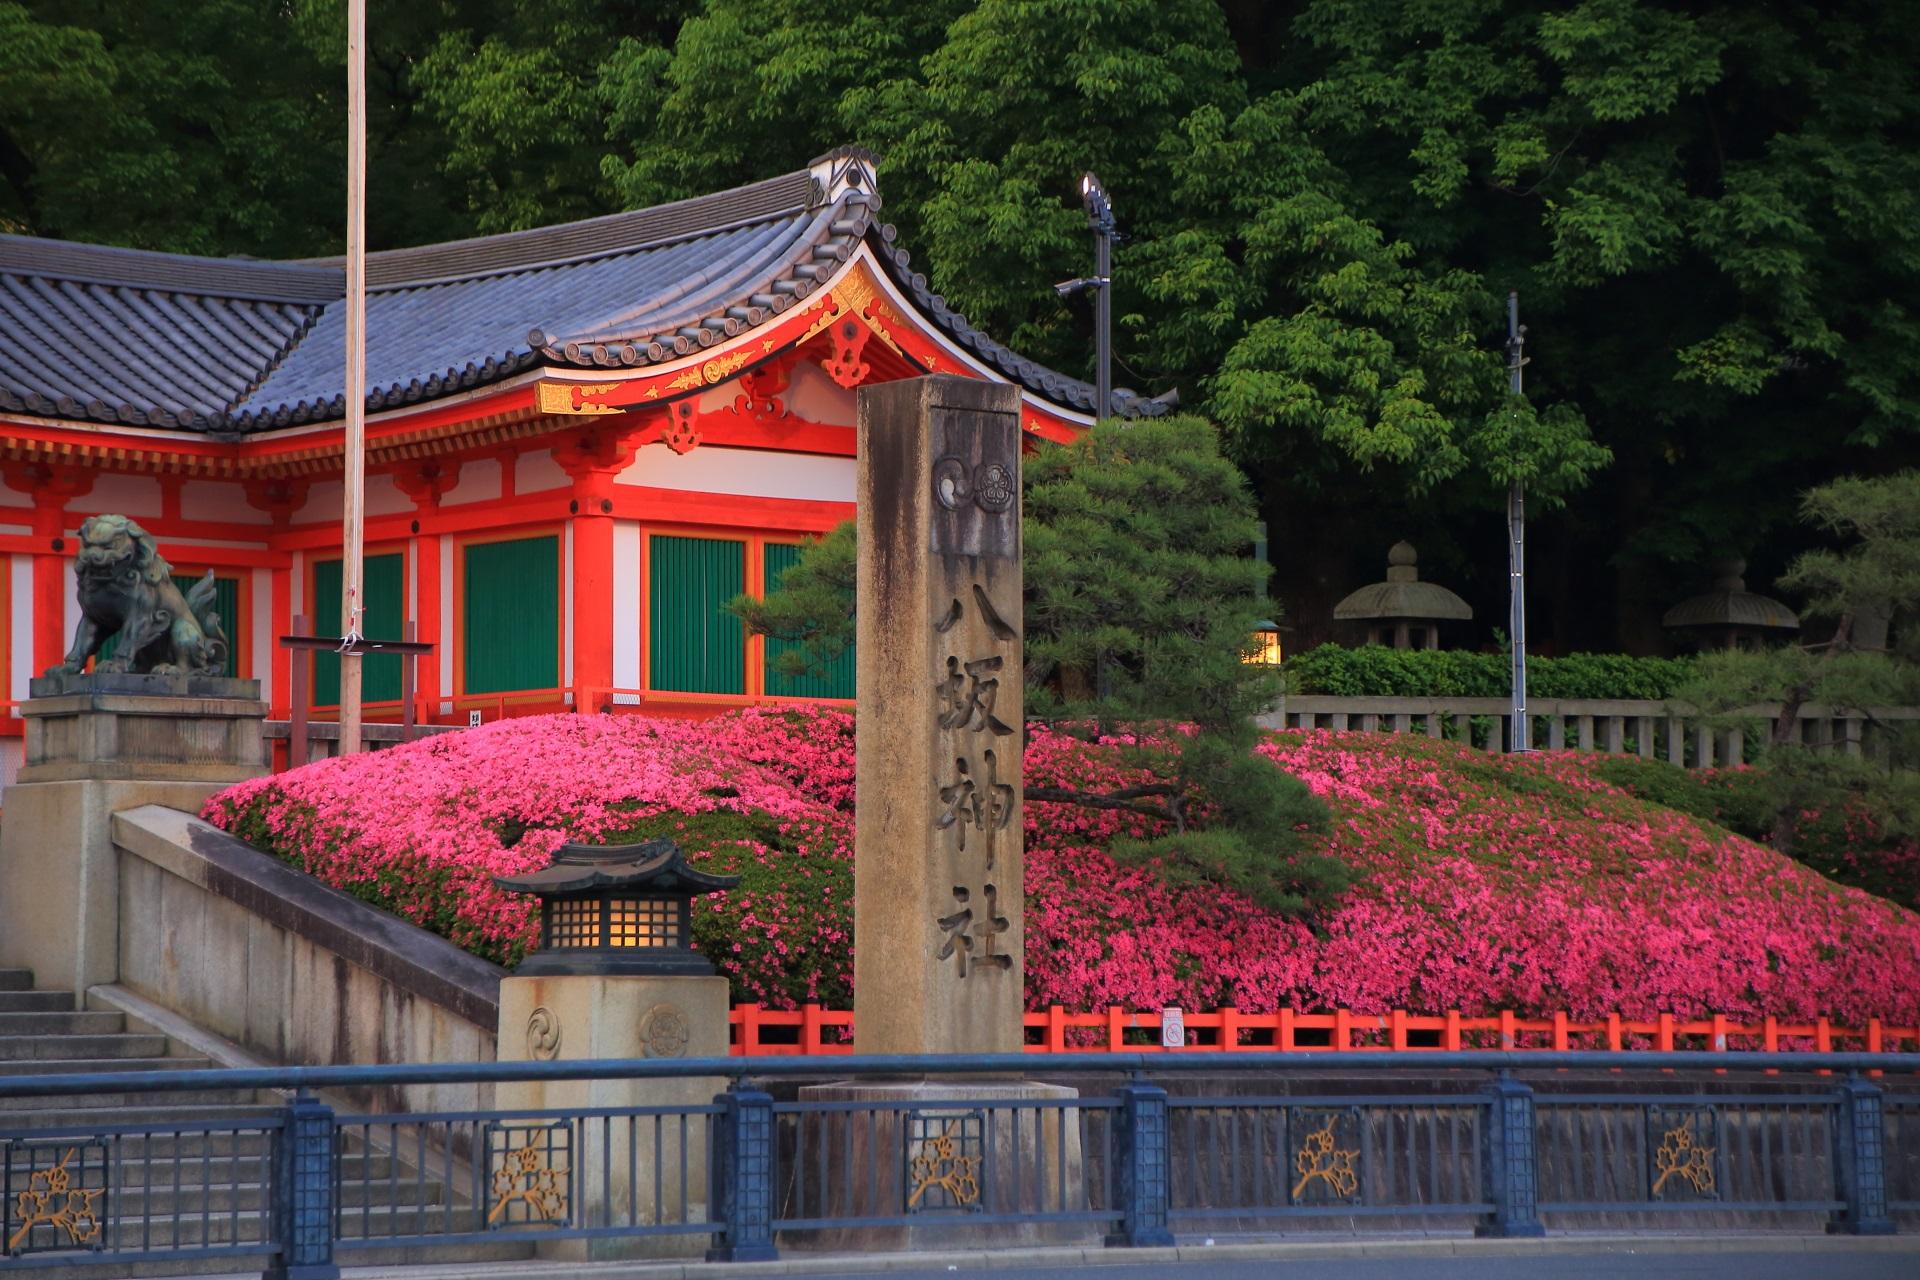 ピンクのサツキの花に彩られる緑の刈り込み